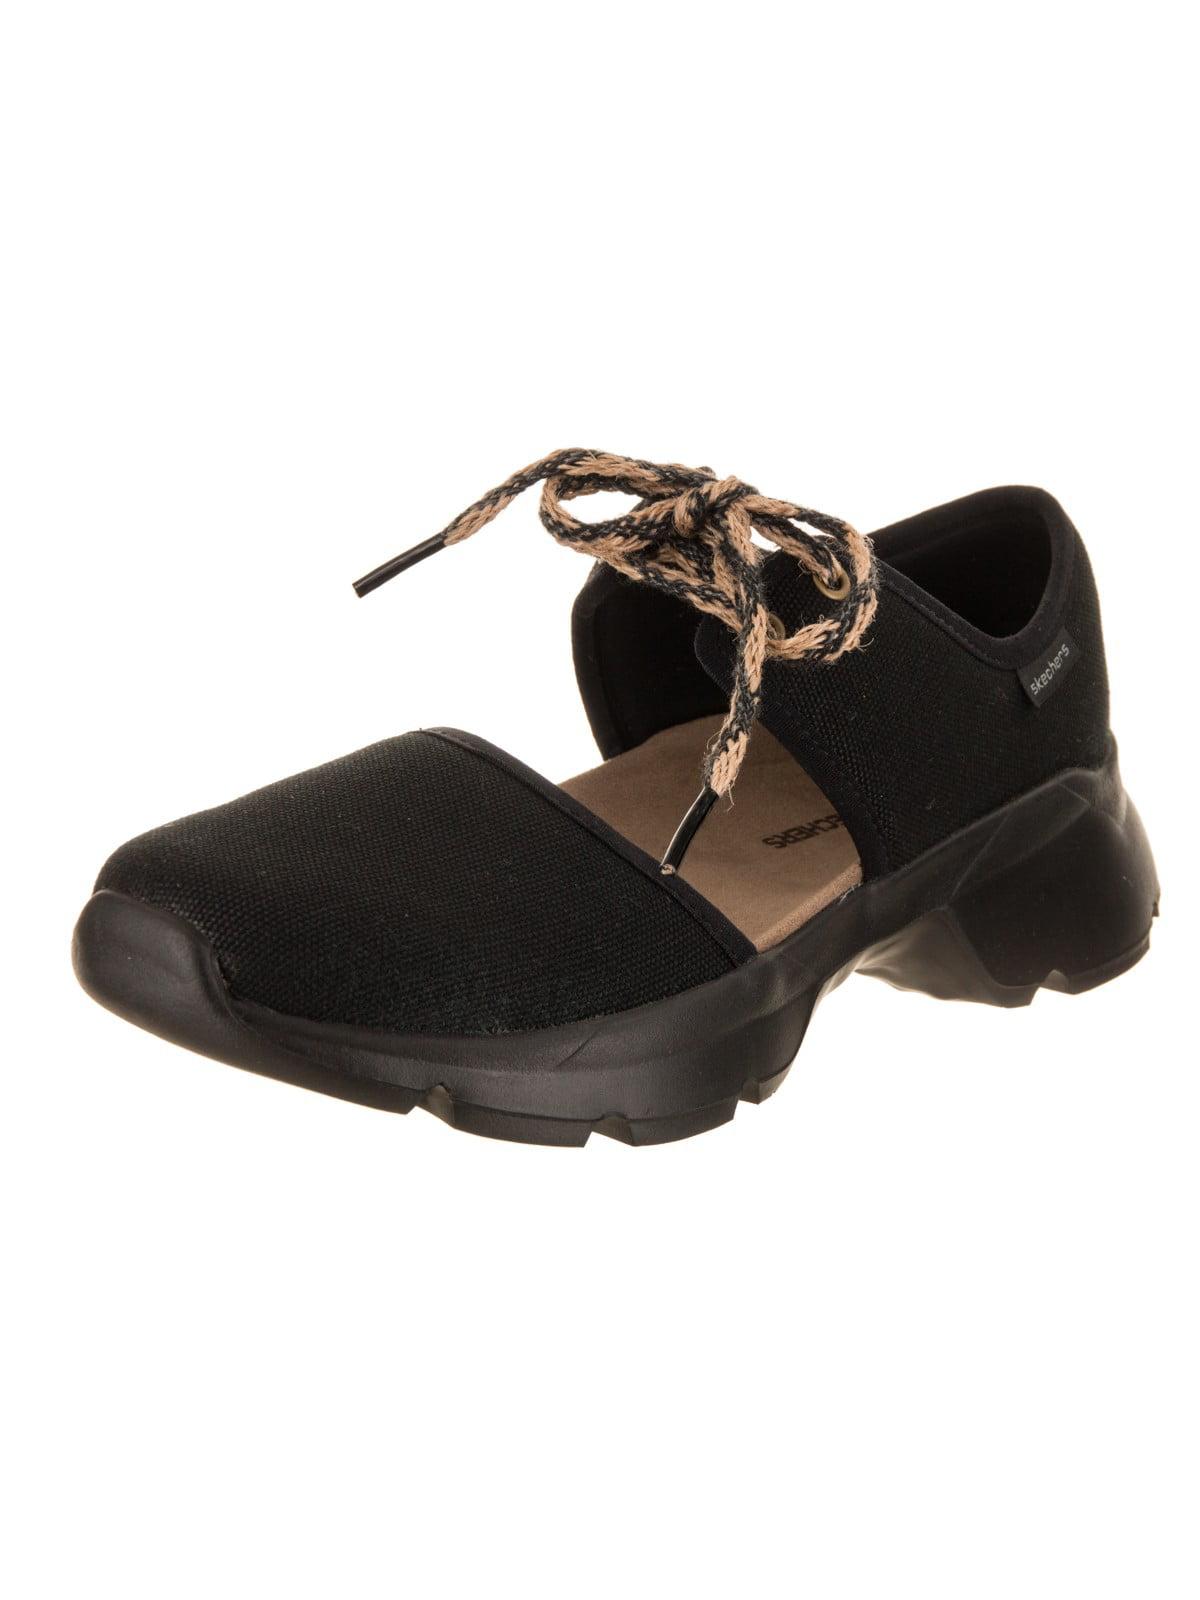 Skechers Women's Bora Peachy Keen Sandal by Skechers